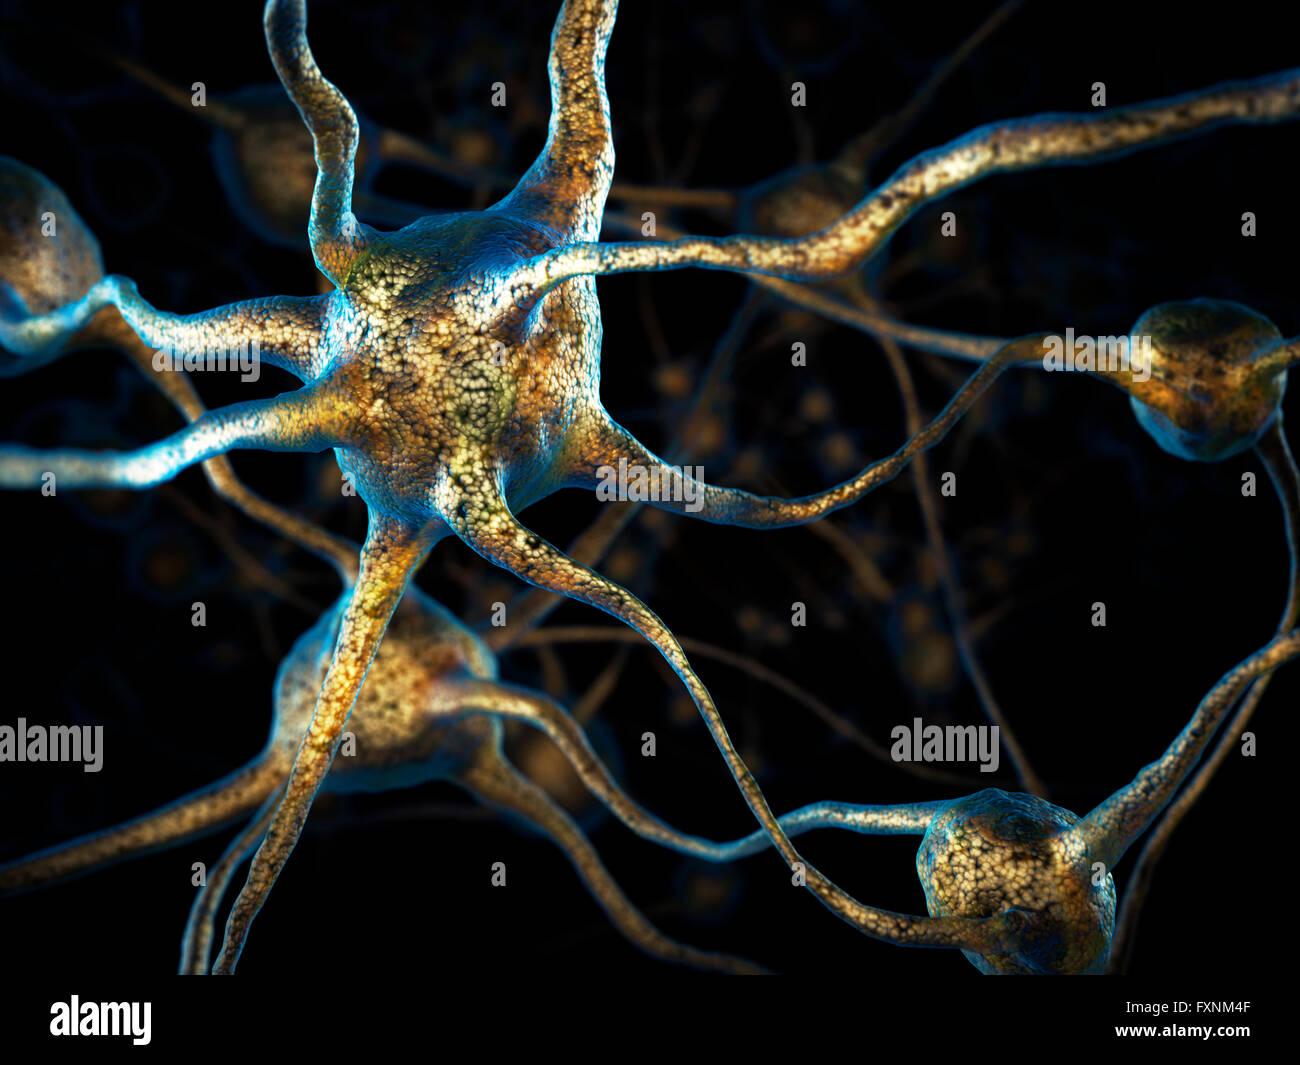 Ilustración 3D Conceptual de braincells, red de neuronas, sistema nervioso Imagen De Stock